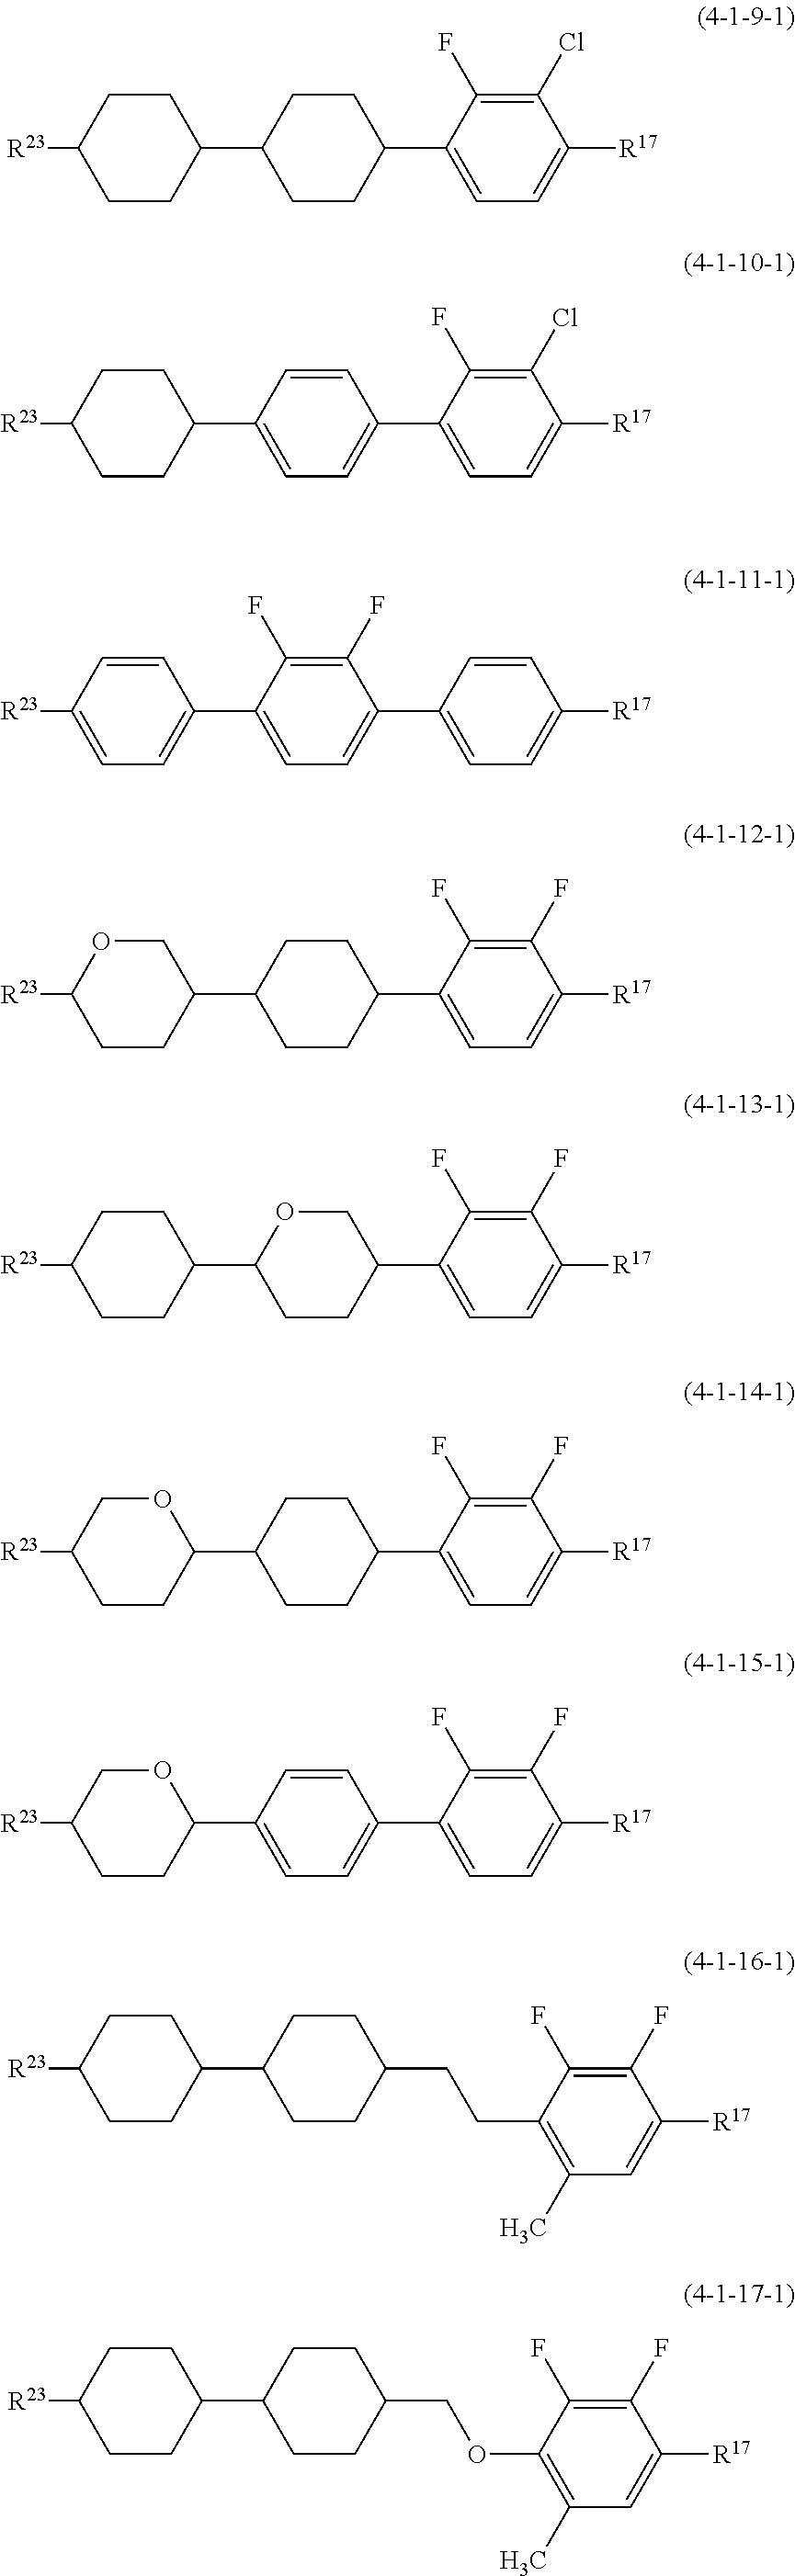 Figure US20150299571A1-20151022-C00027